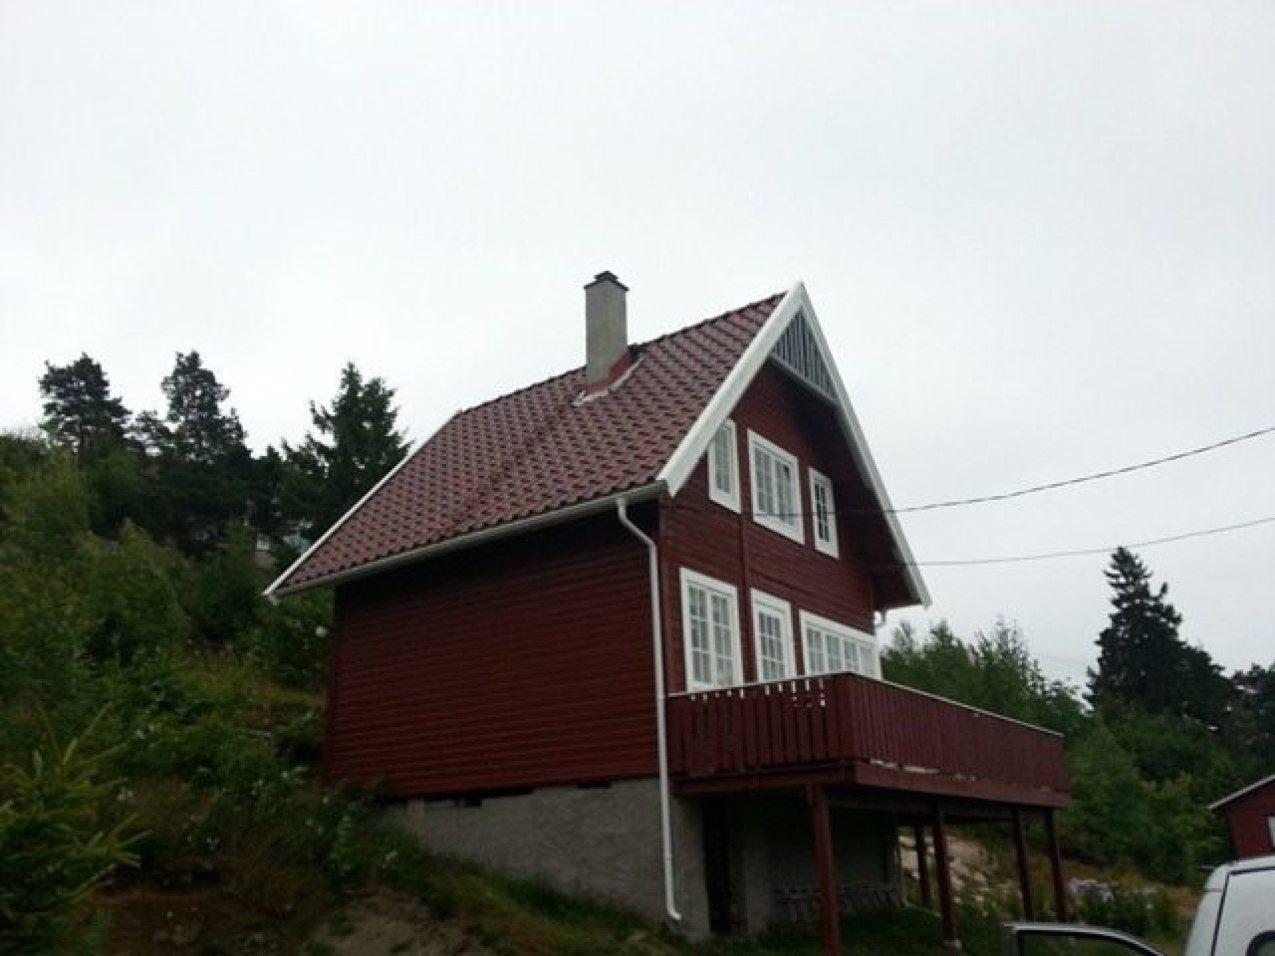 Omlegging av tak på gamle hytter